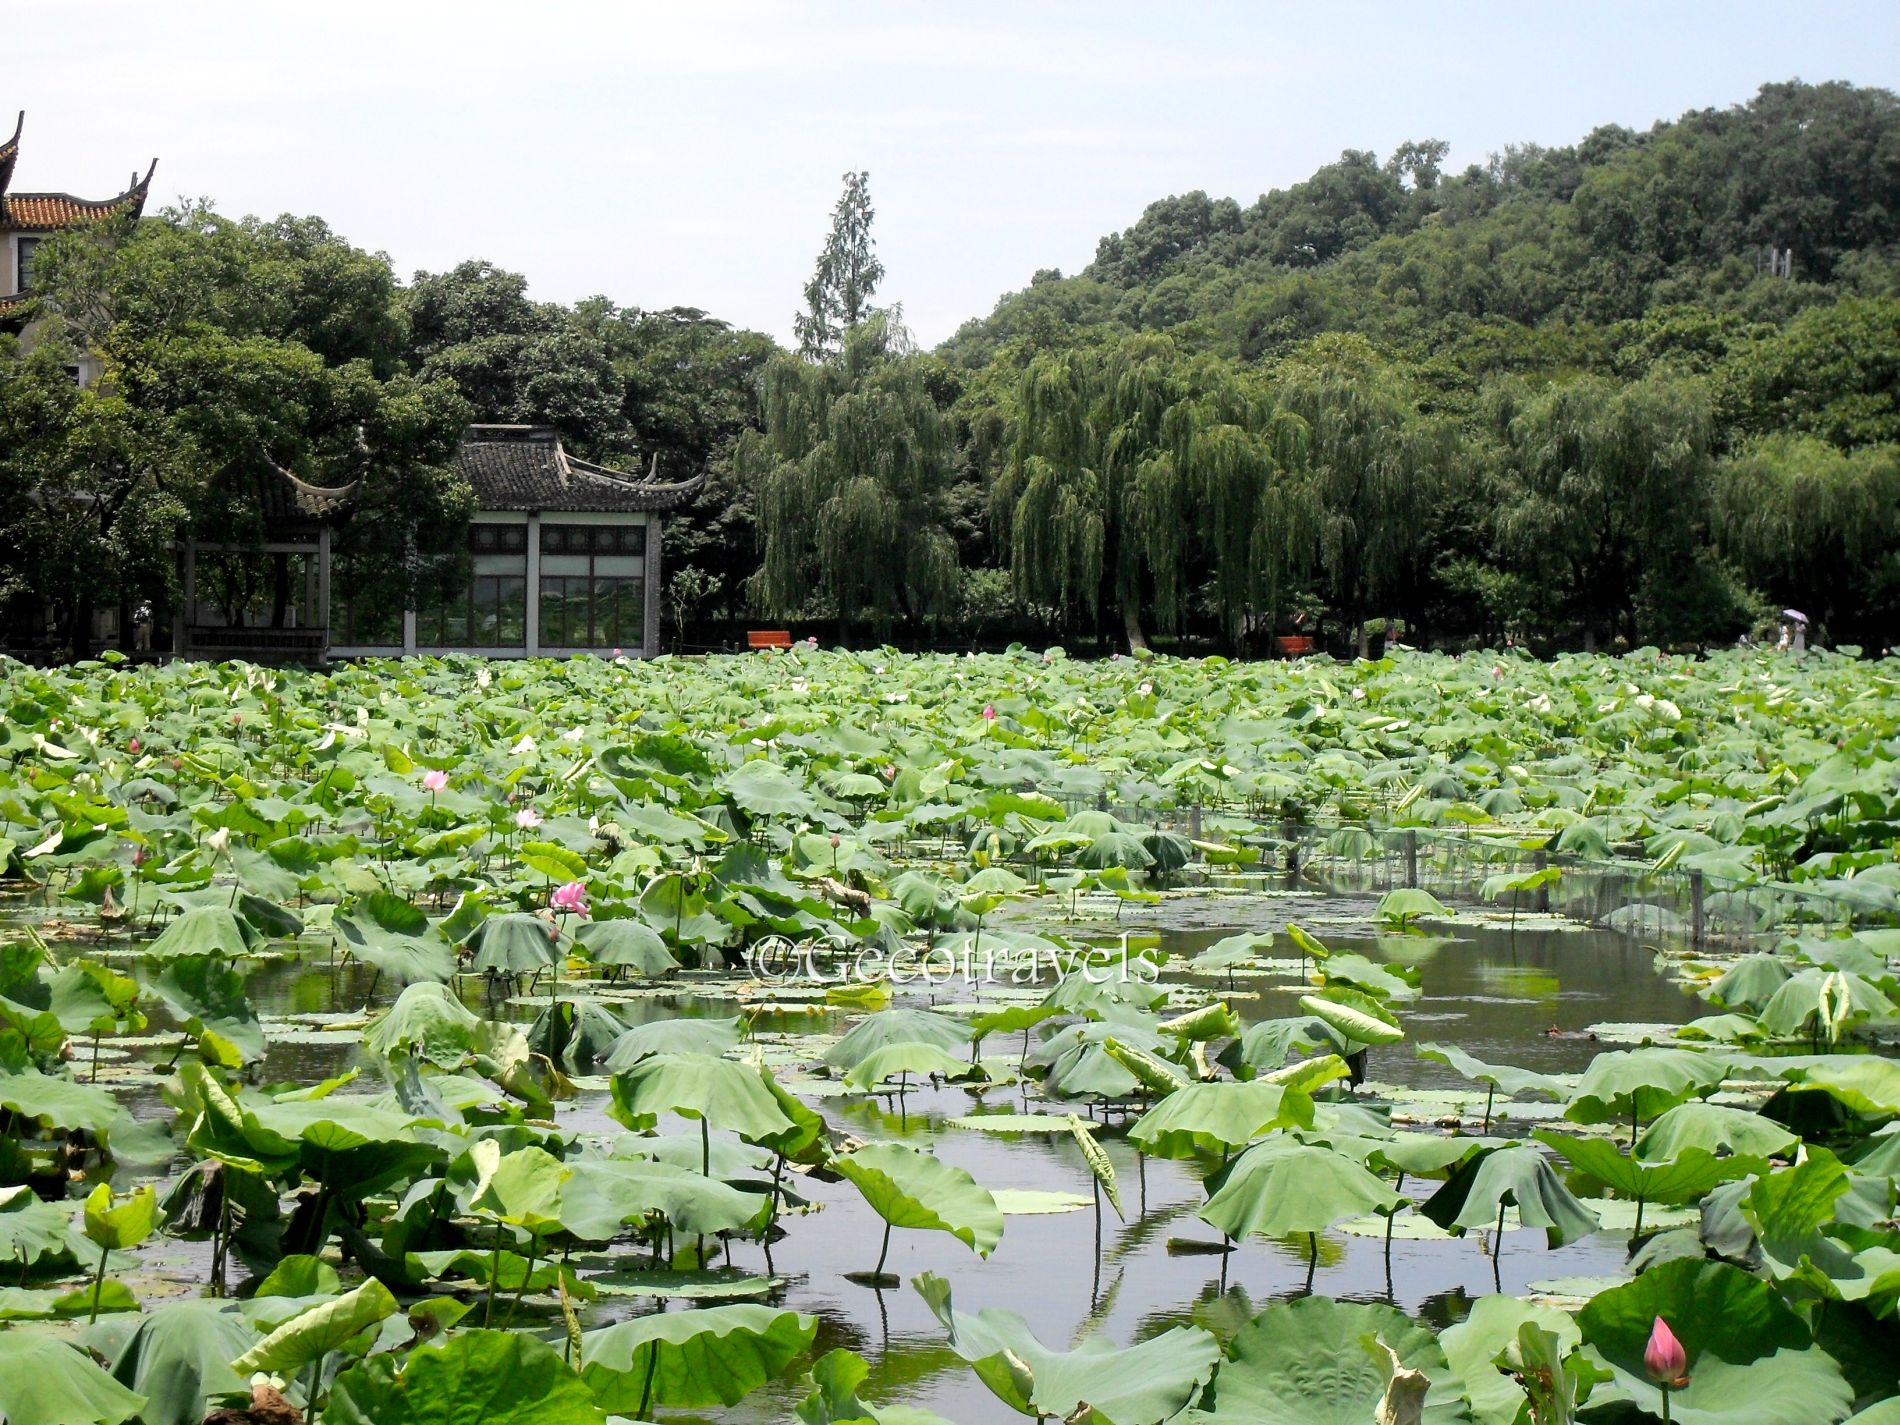 stagno con fiori di loto